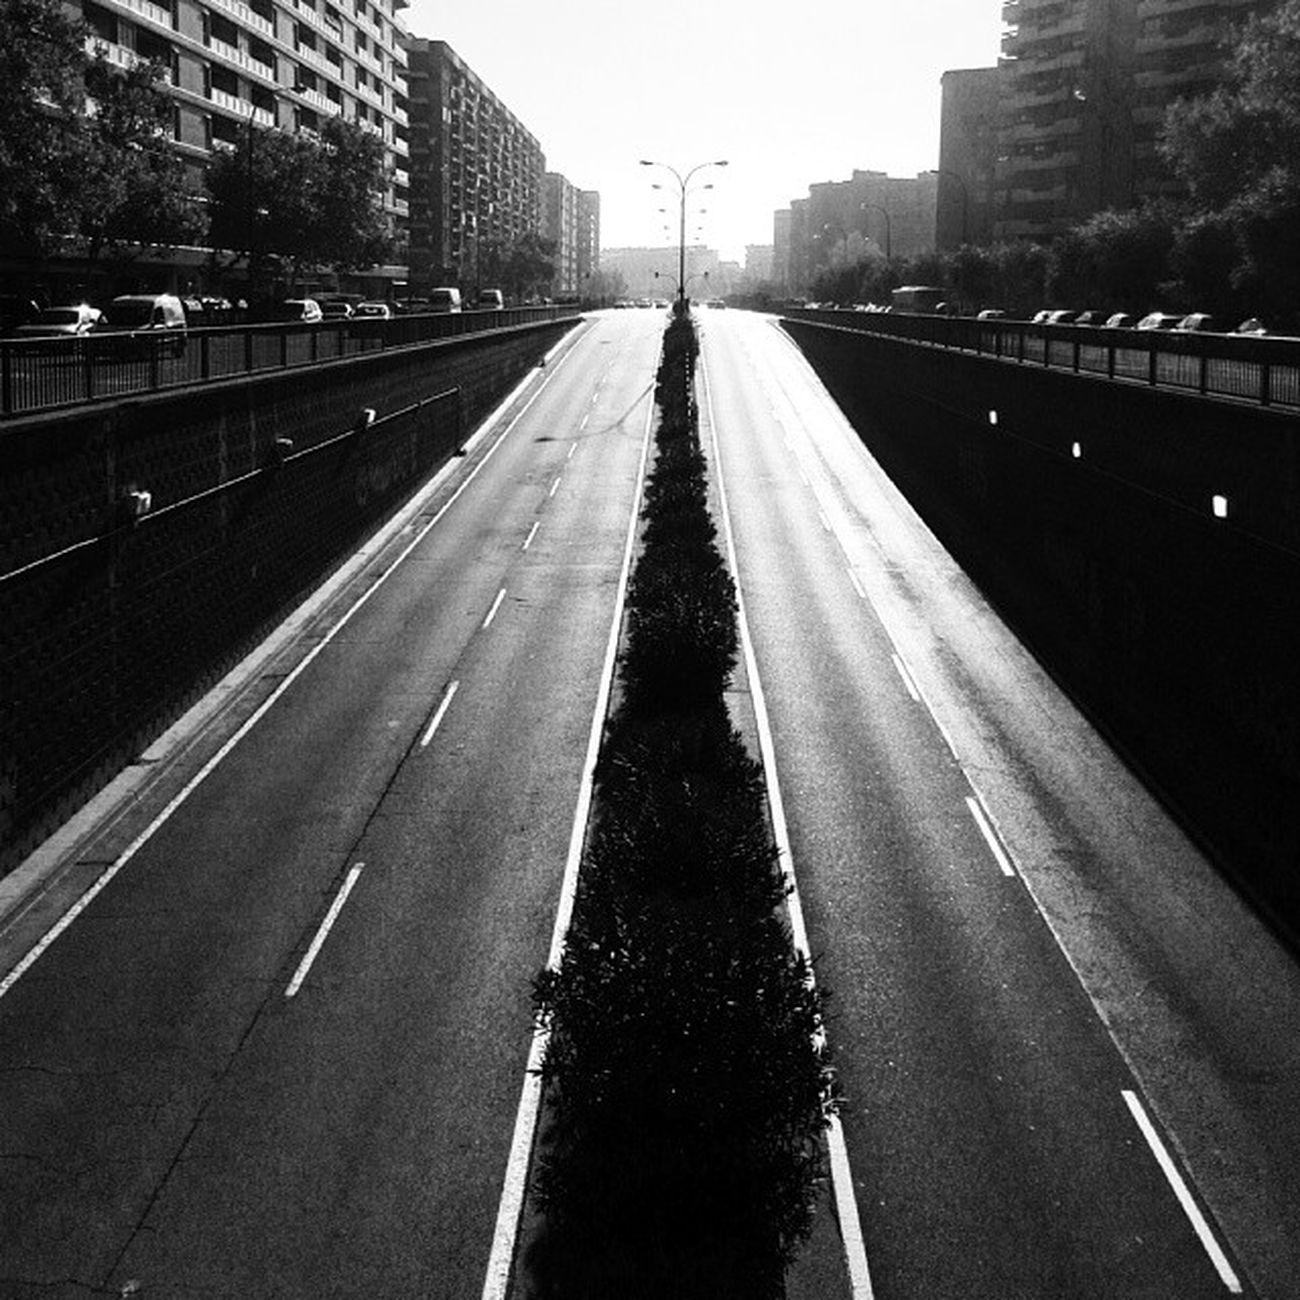 Elige tu Camino Igersspain Igerszgz Igersaragon somosinstagramers Zaragozadestino